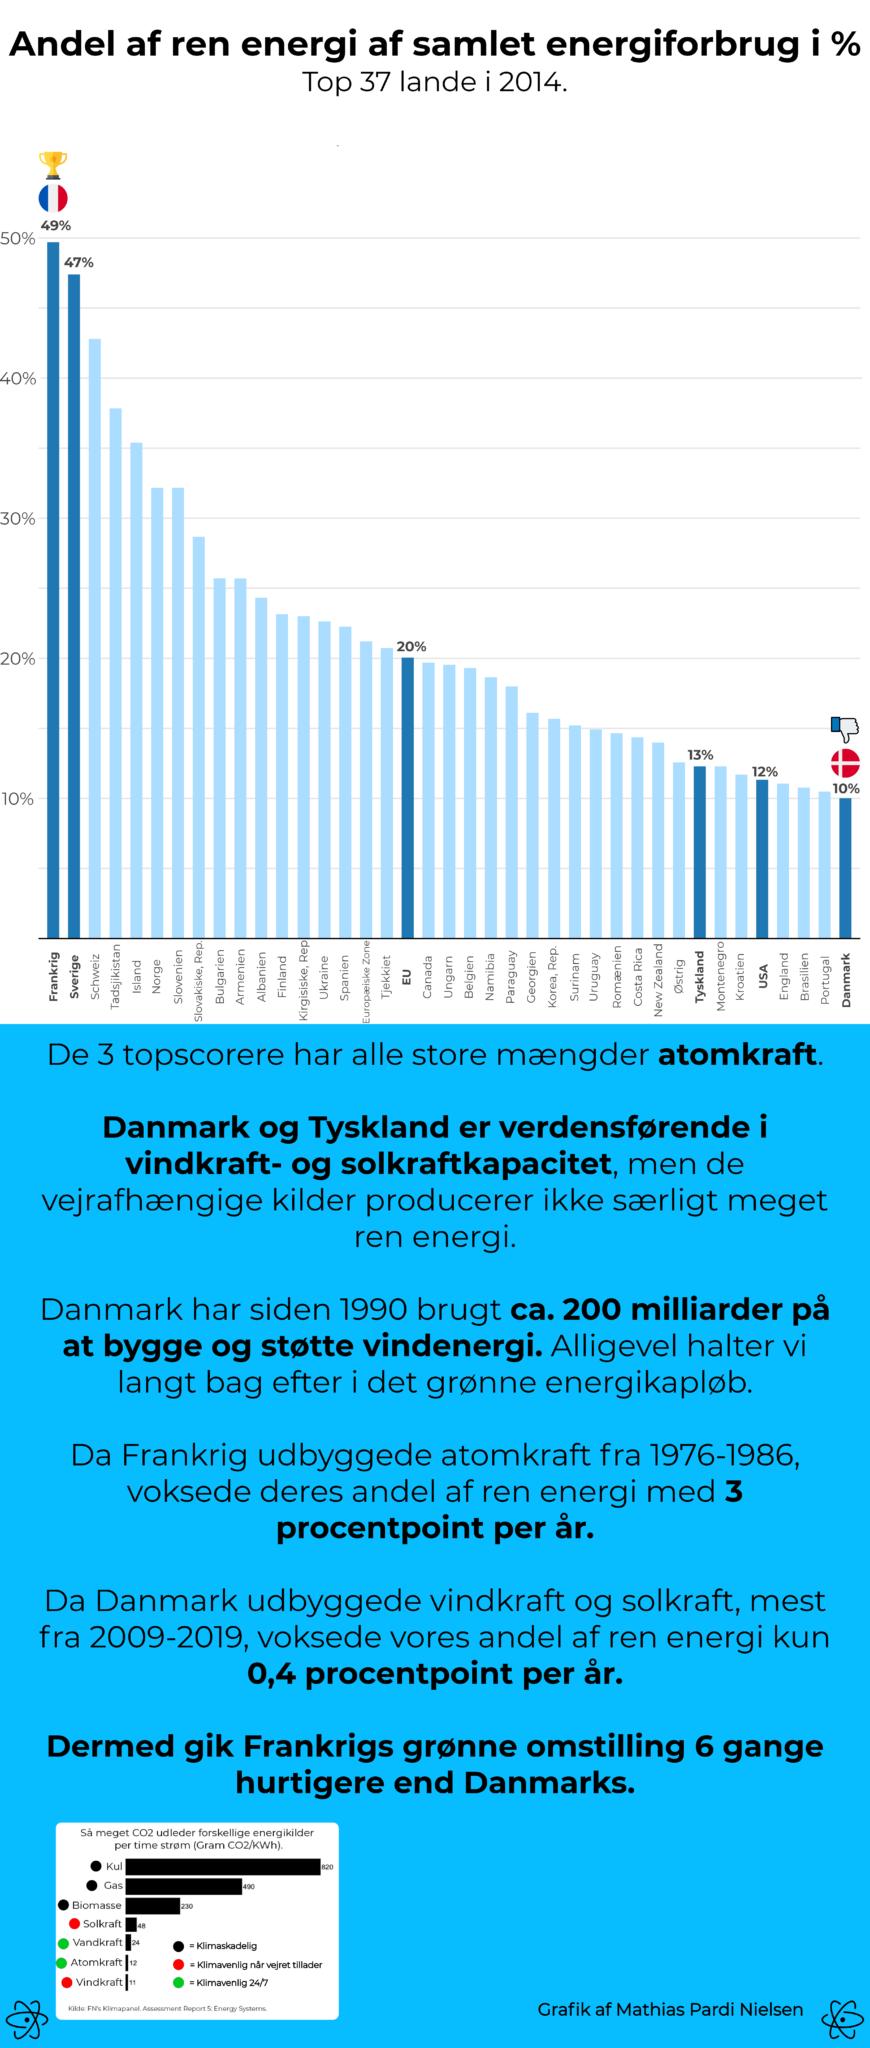 Andel af ren energi af samlet energiforbrug i %